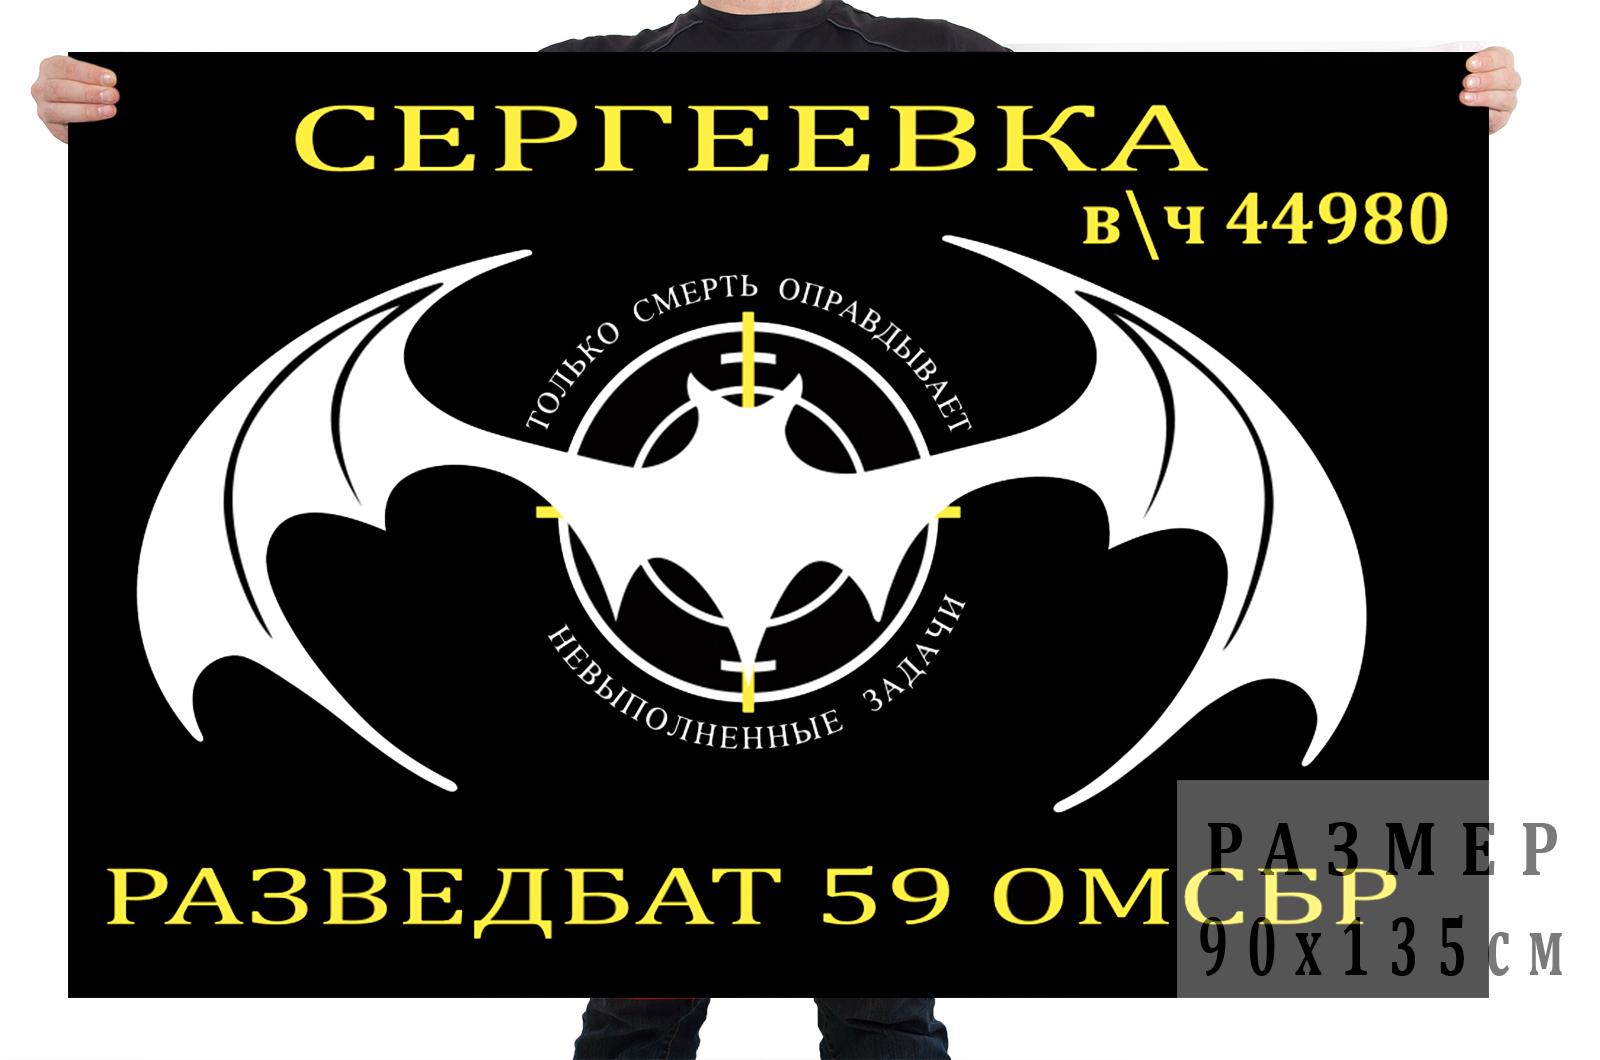 Флаг разведбата 59 ОМСБР спецназа ГРУ